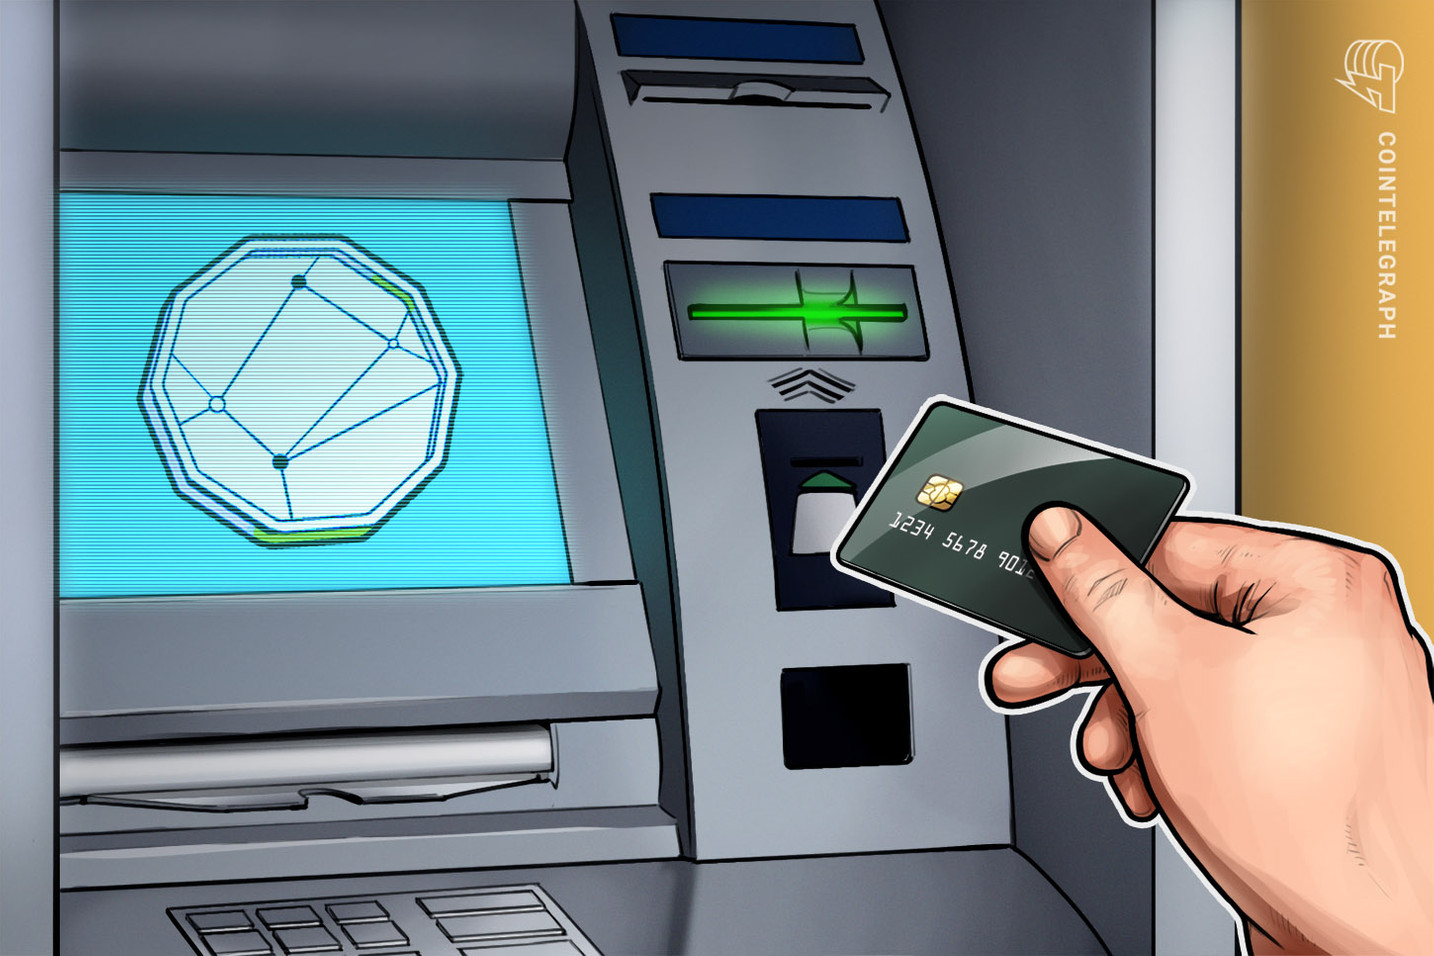 Una empresa canadiense quiere actualizar millones de cajeros automáticos para vender Bitcoin